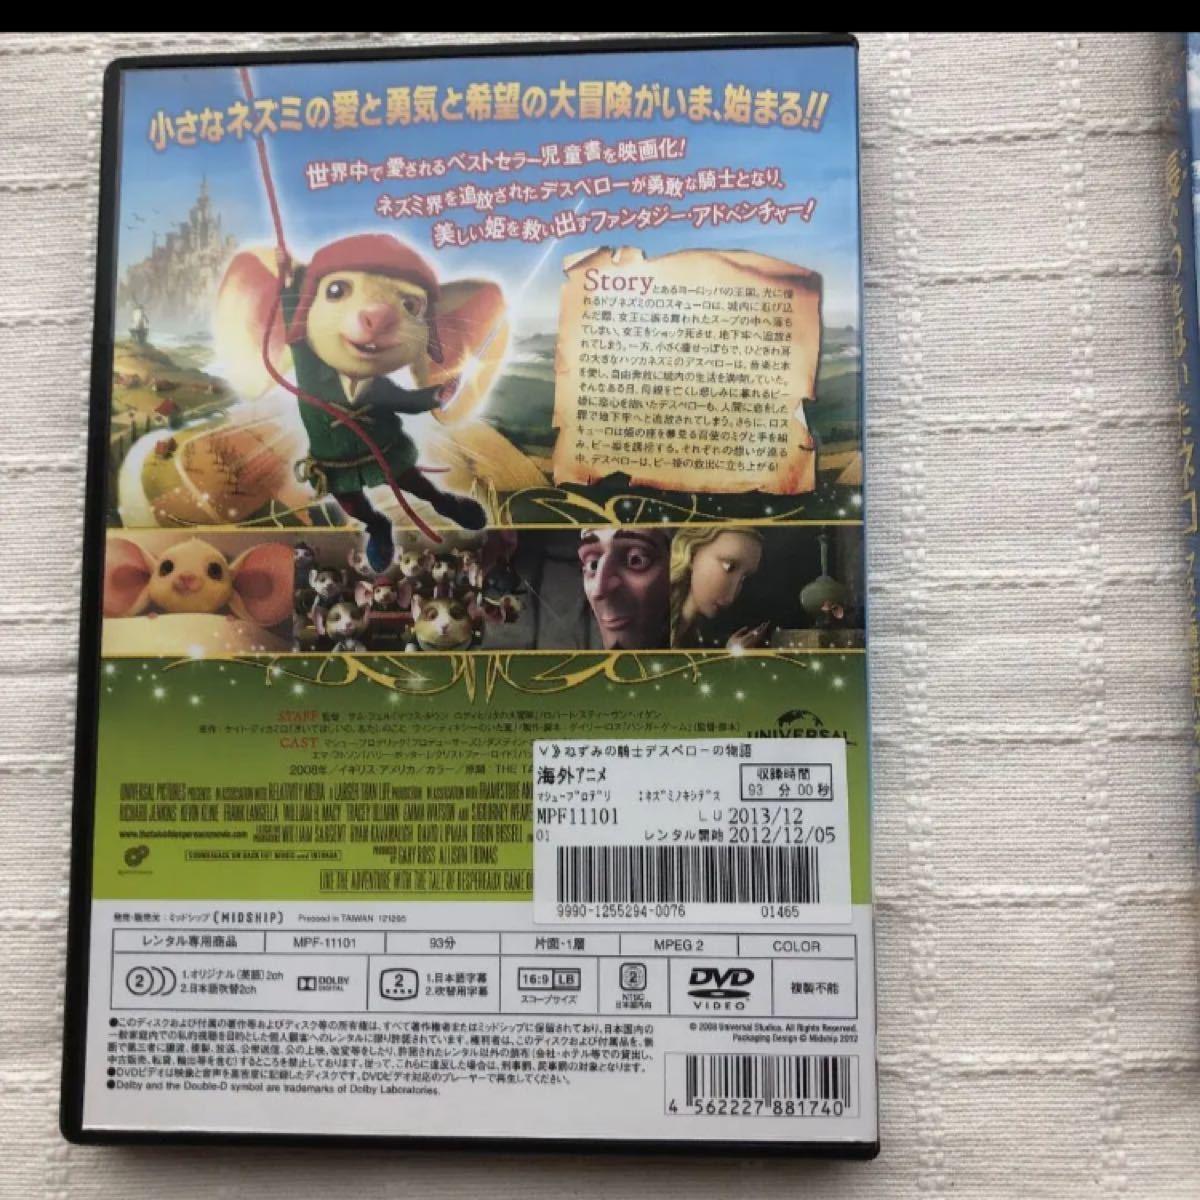 アニメ DVD 長ぐつをはいたネコ 他2枚セット DVD